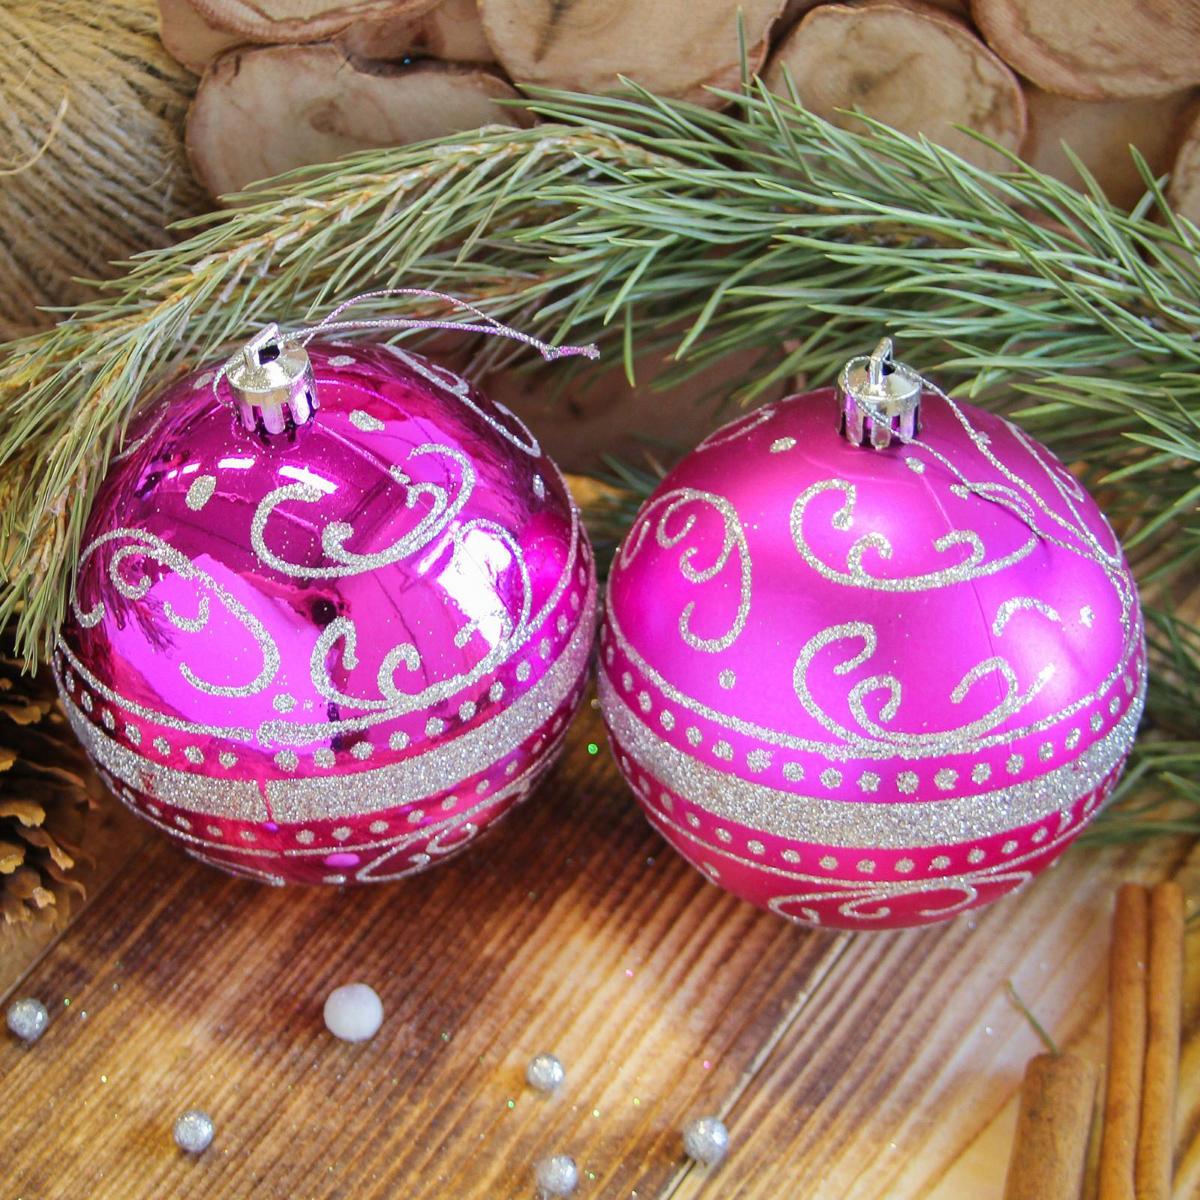 Набор новогодних подвесных украшений Sima-land Метель, цвет: малиновый, диаметр 8 см, 6 шт2122985Набор новогодних подвесных украшений Sima-land отлично подойдет для декорации вашего дома и новогодней ели. С помощью специальной петельки украшение можно повесить в любом понравившемся вам месте. Но, конечно, удачнее всего оно будет смотреться на праздничной елке. Елочная игрушка - символ Нового года. Она несет в себе волшебство и красоту праздника. Создайте в своем доме атмосферу веселья и радости, украшая новогоднюю елку нарядными игрушками, которые будут из года в год накапливать теплоту воспоминаний.